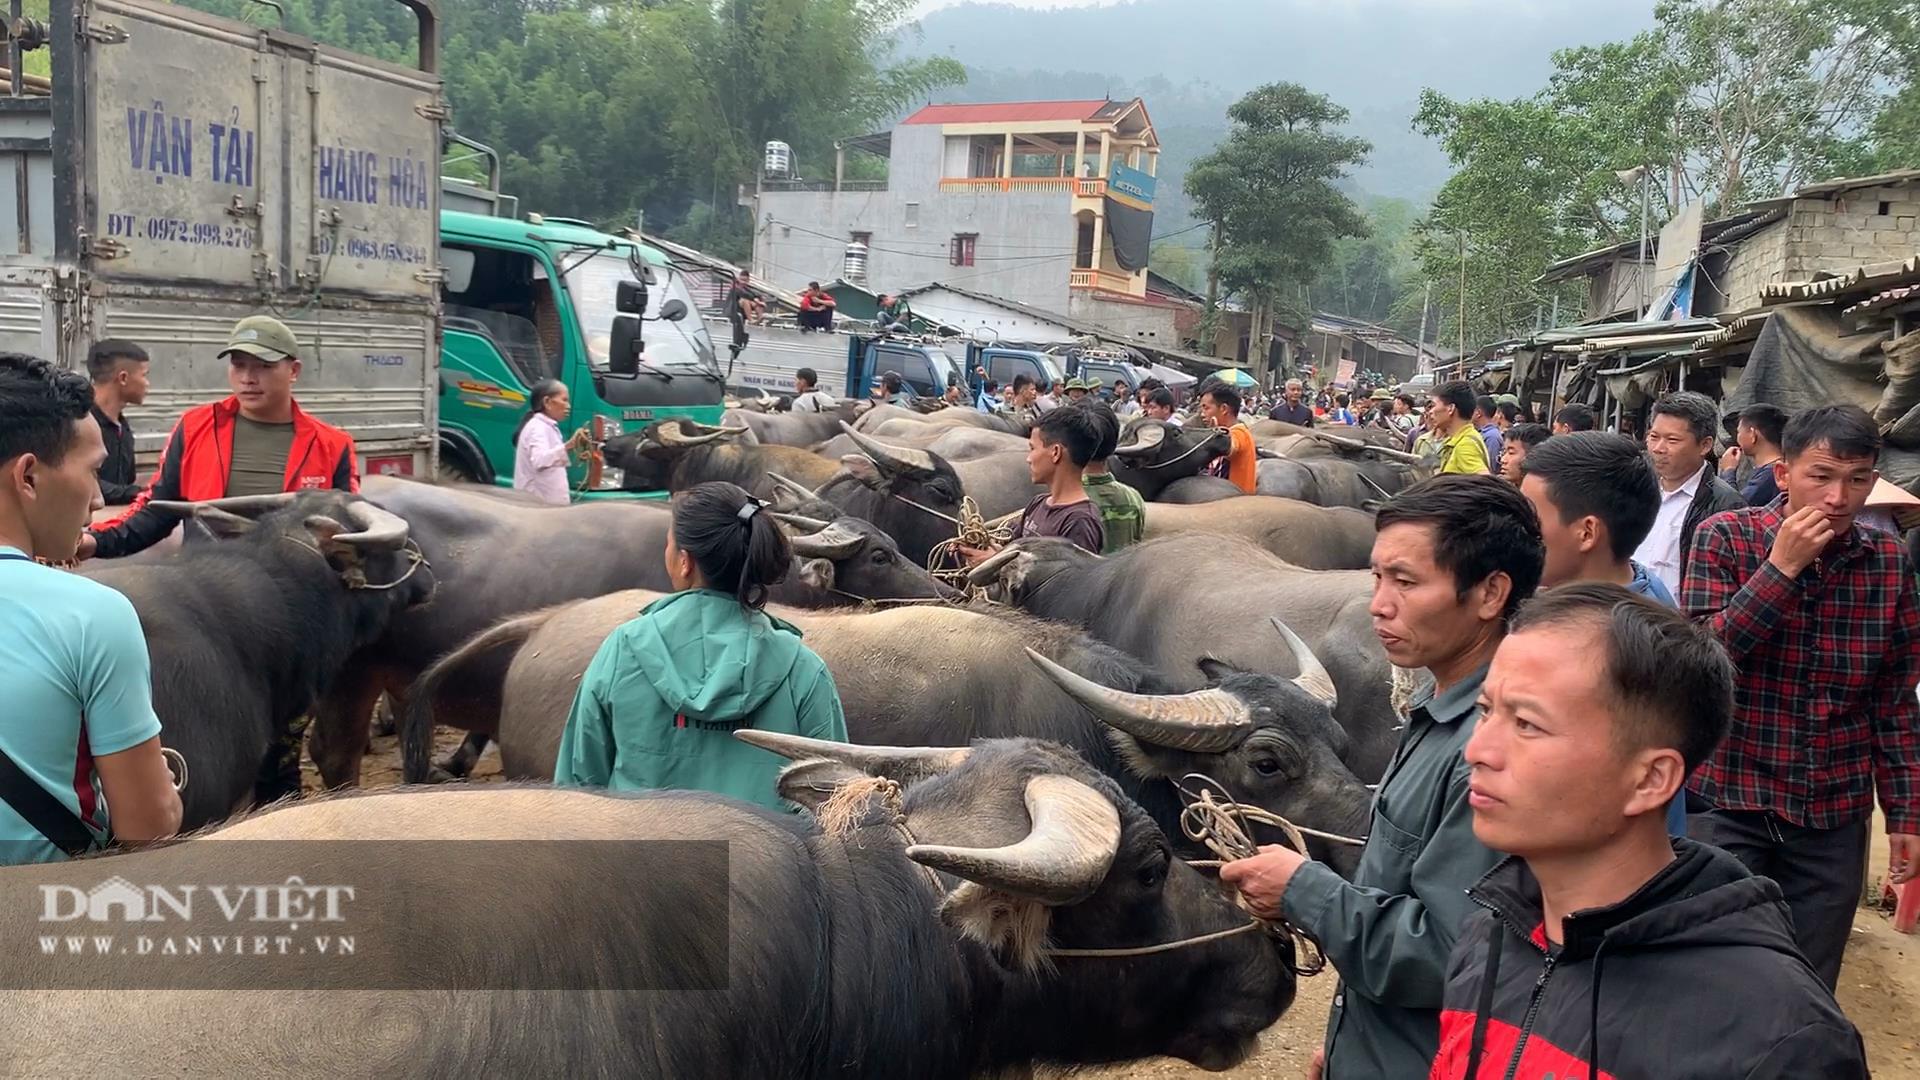 Bắc Kạn khó khăn trong công tác kiểm soát dịch bệnh tại chợ trâu, bò Nghiên Loan - Ảnh 3.